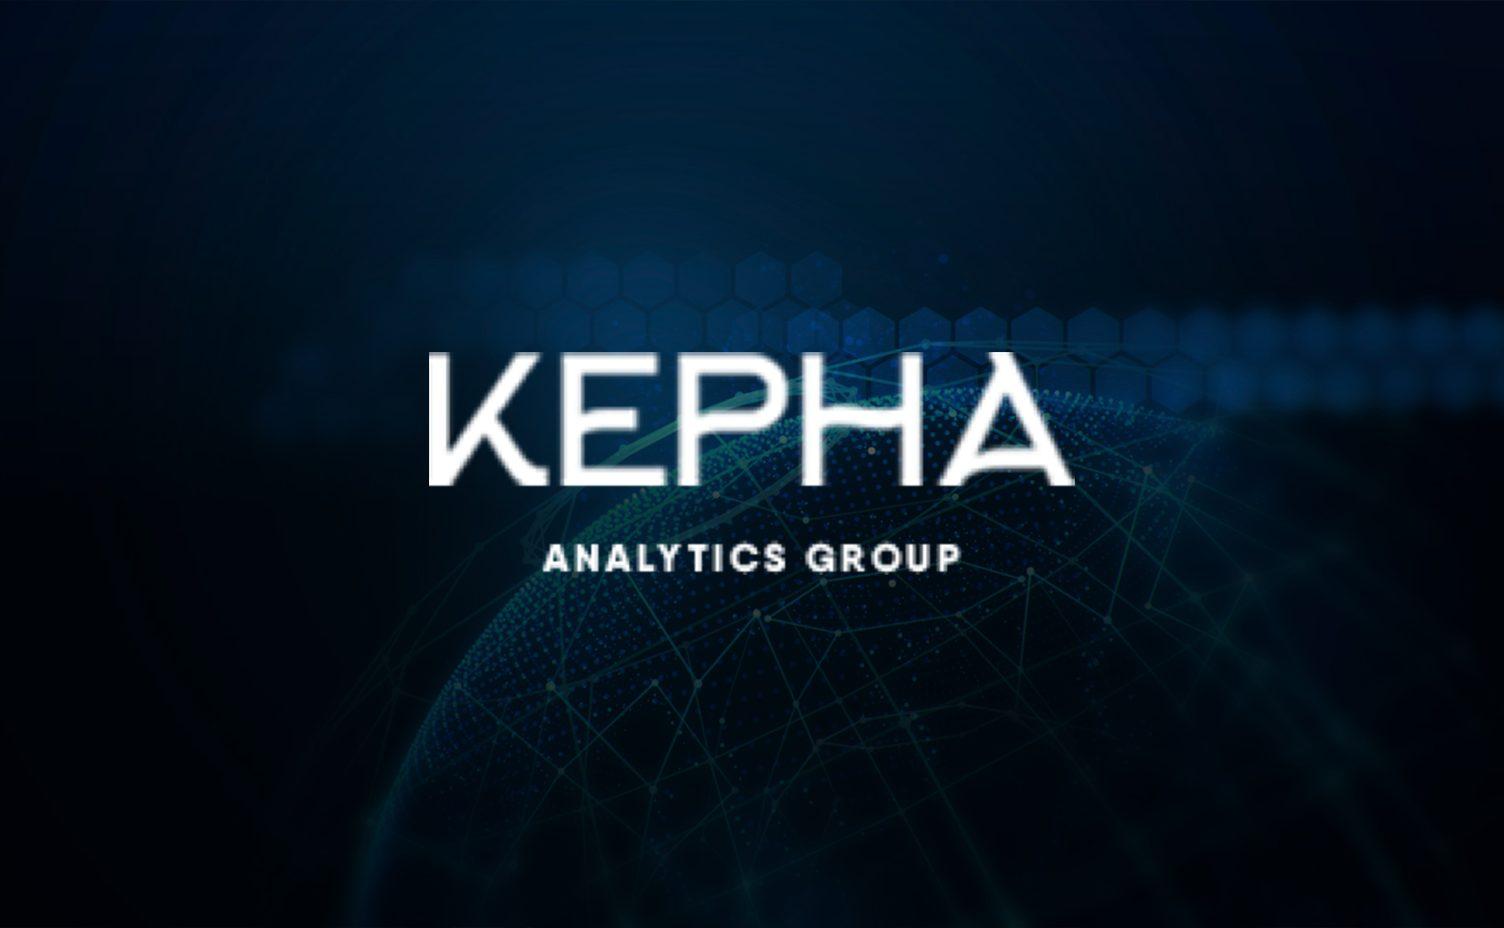 KEPHA ANALYTICS